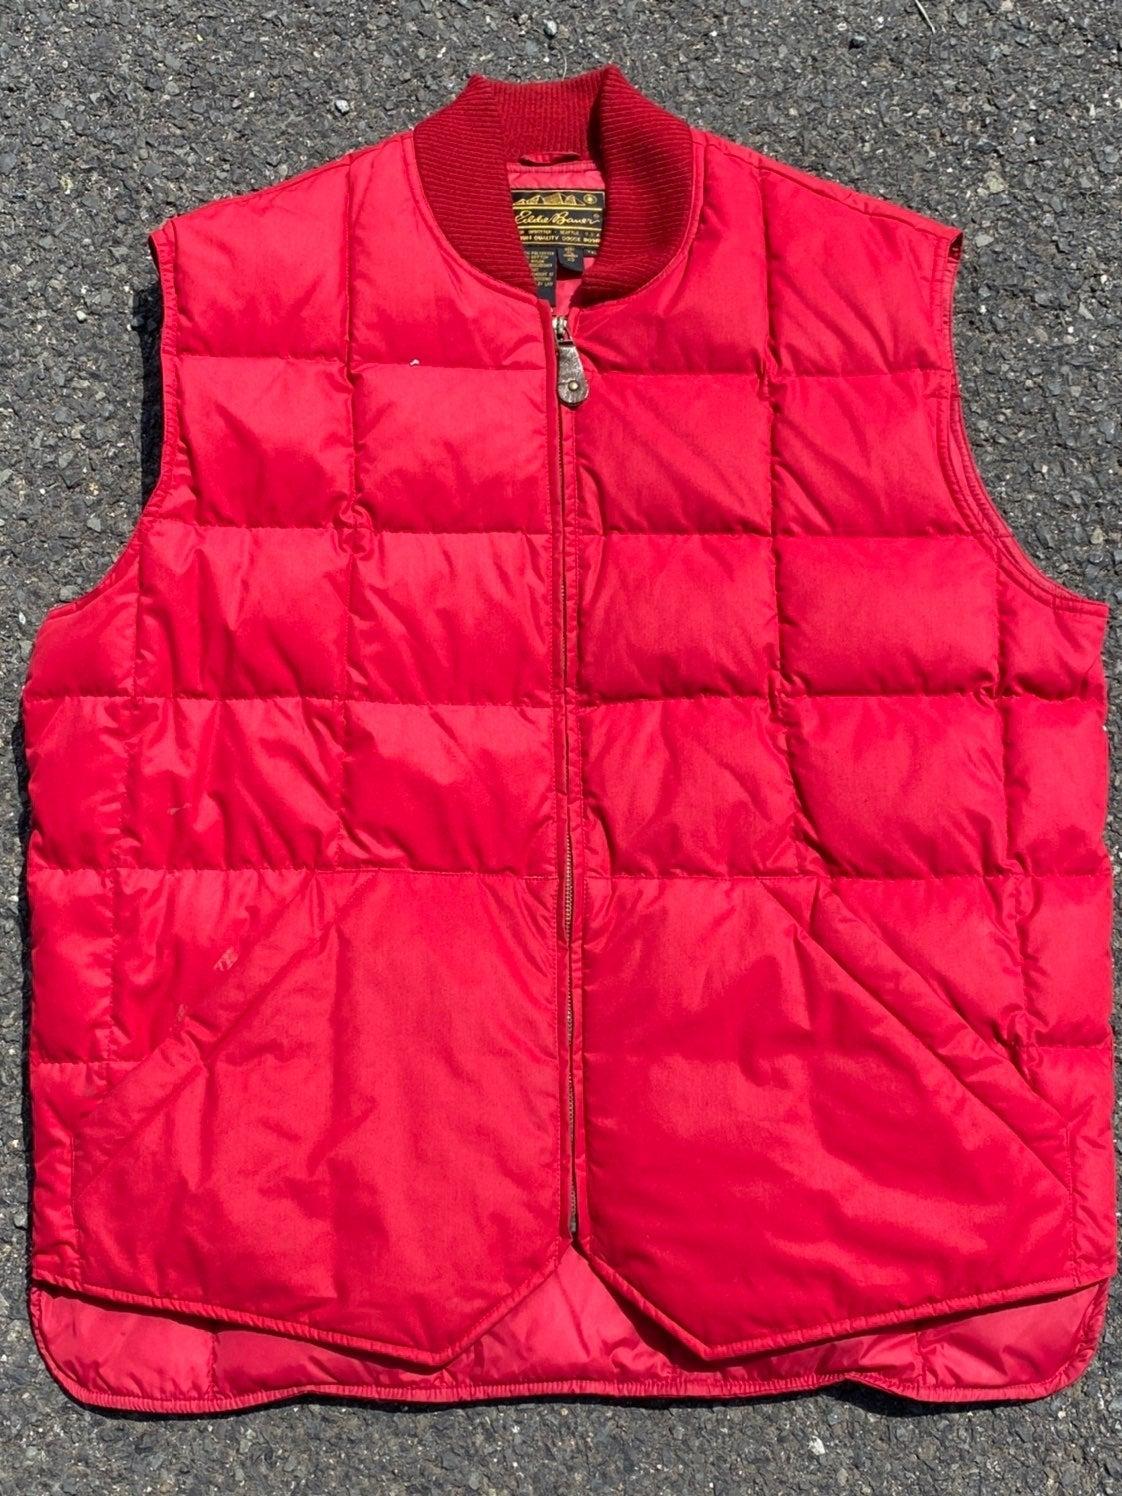 Eddie Bauer Goosedown Puffer Vest